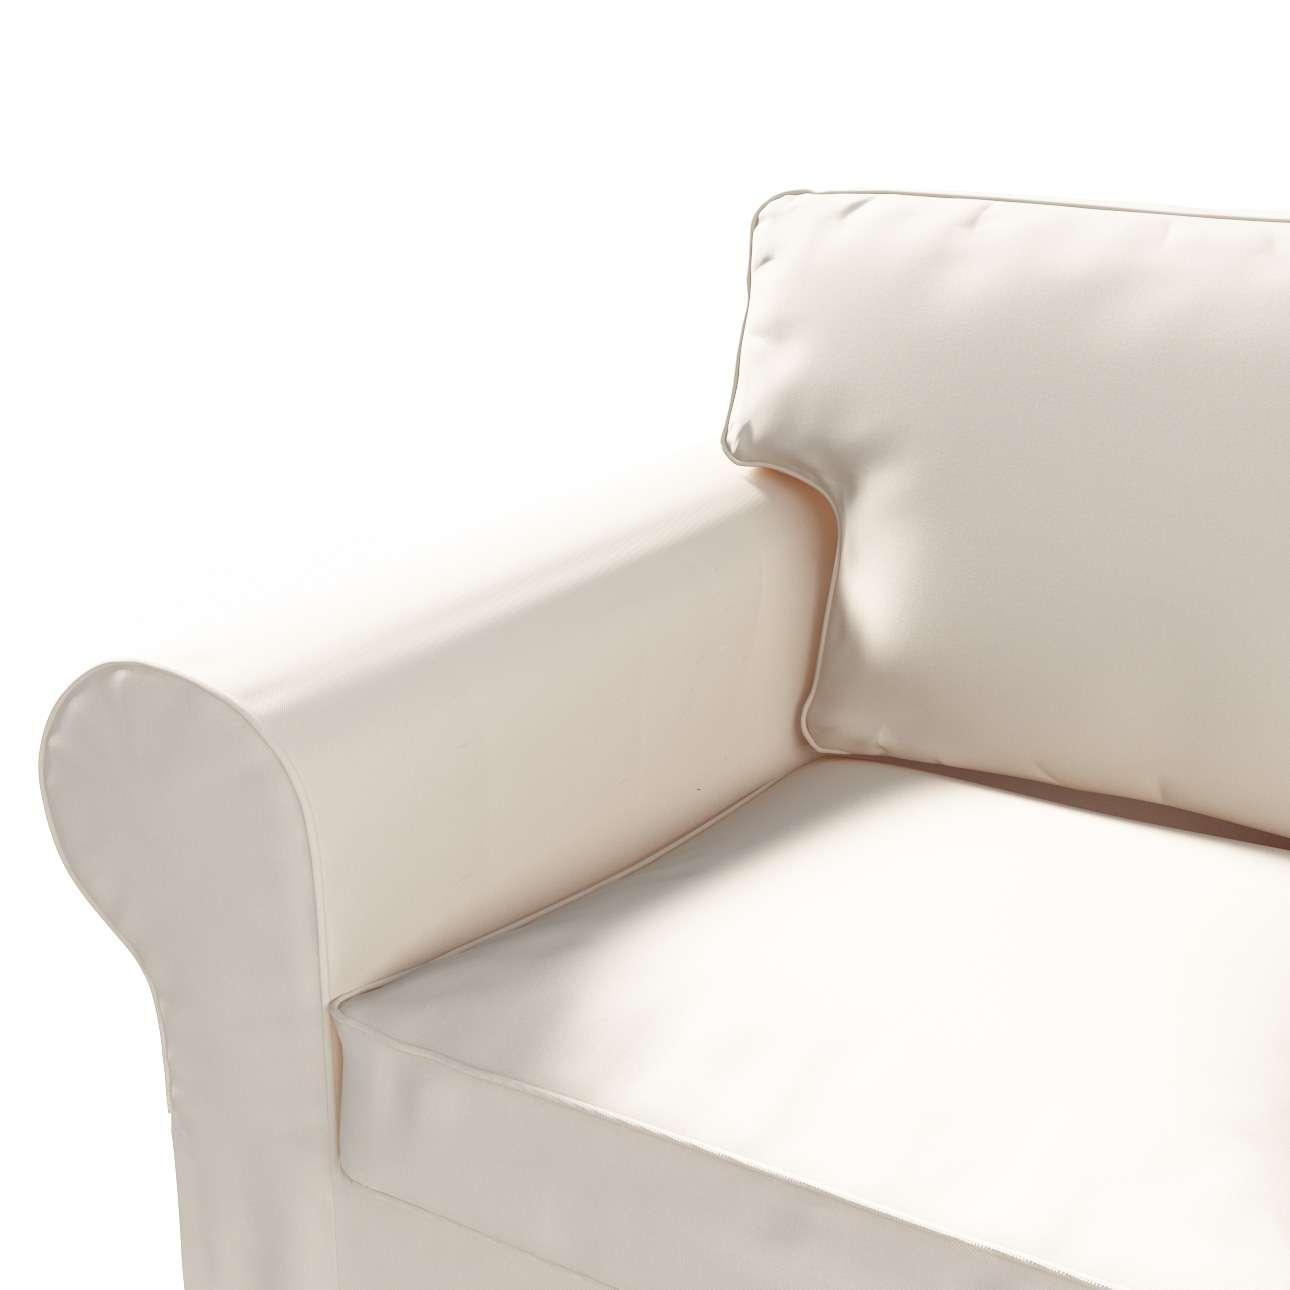 Ektorp 2 sæder Betræk uden sofa fra kollektionen Etna, Stof: 705-01